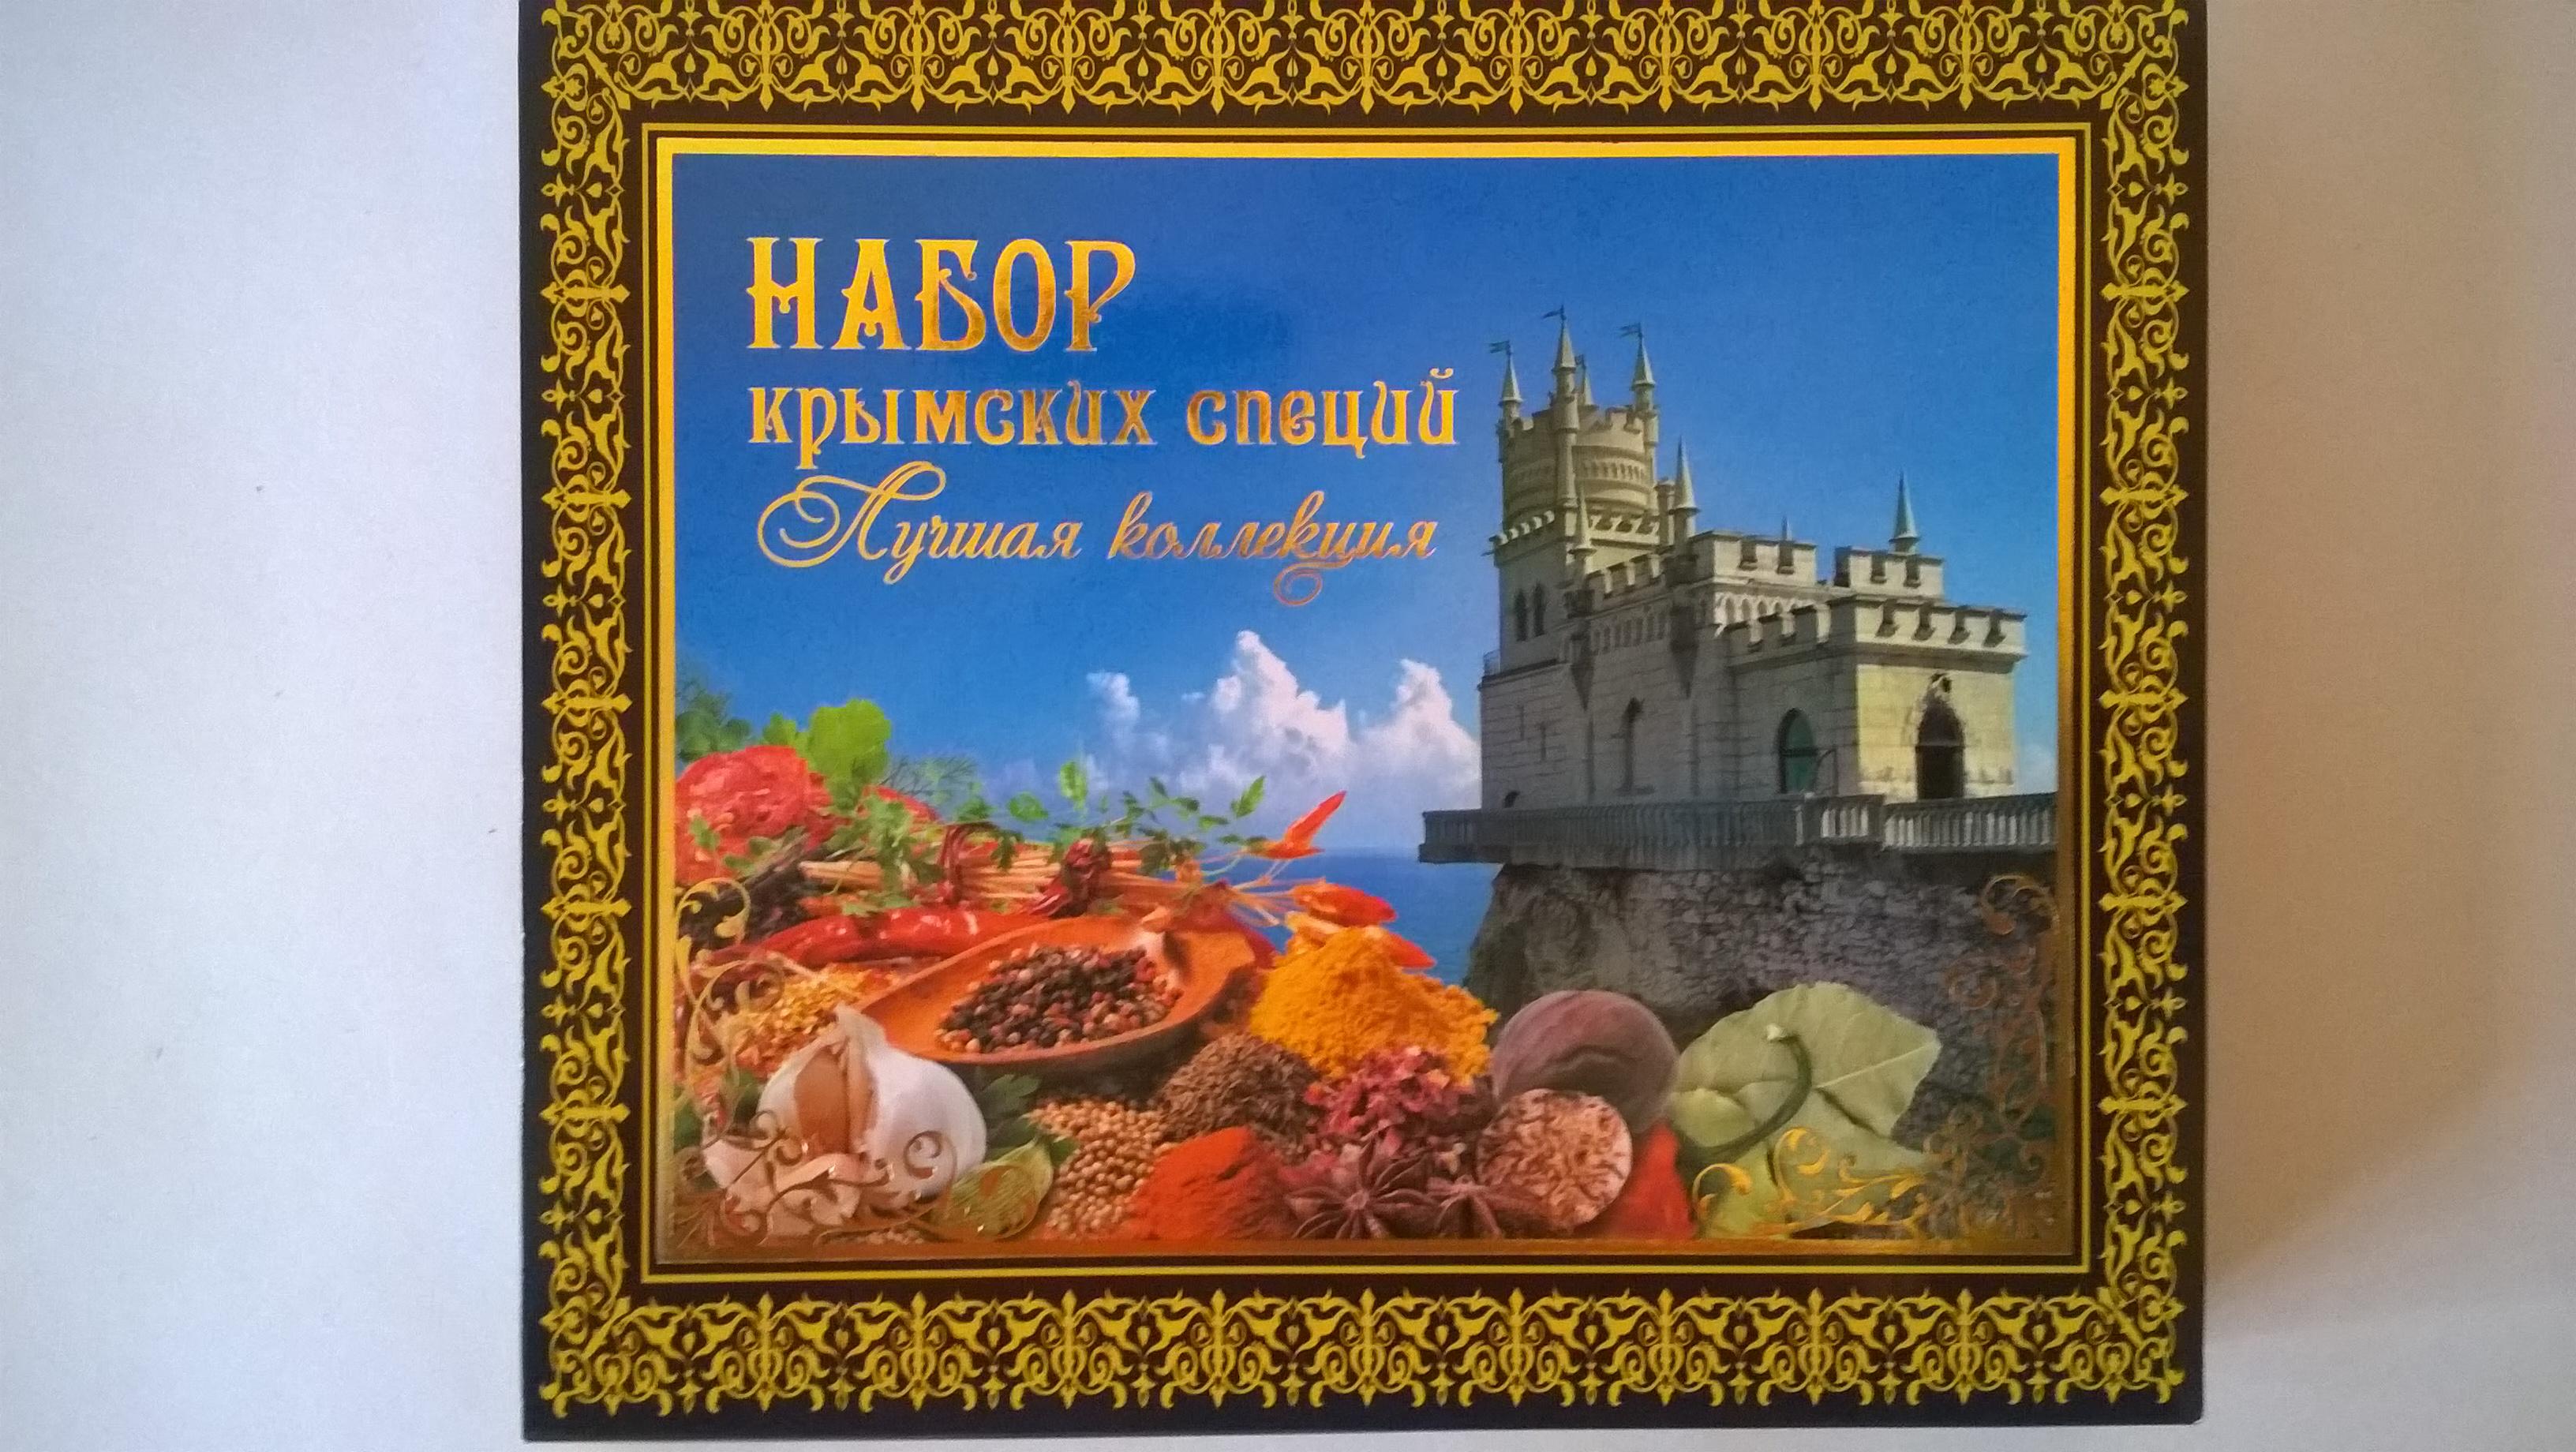 Приправа для шашлыка: состав, лучшие специи для шашлыка из свинины, баранины, курицы